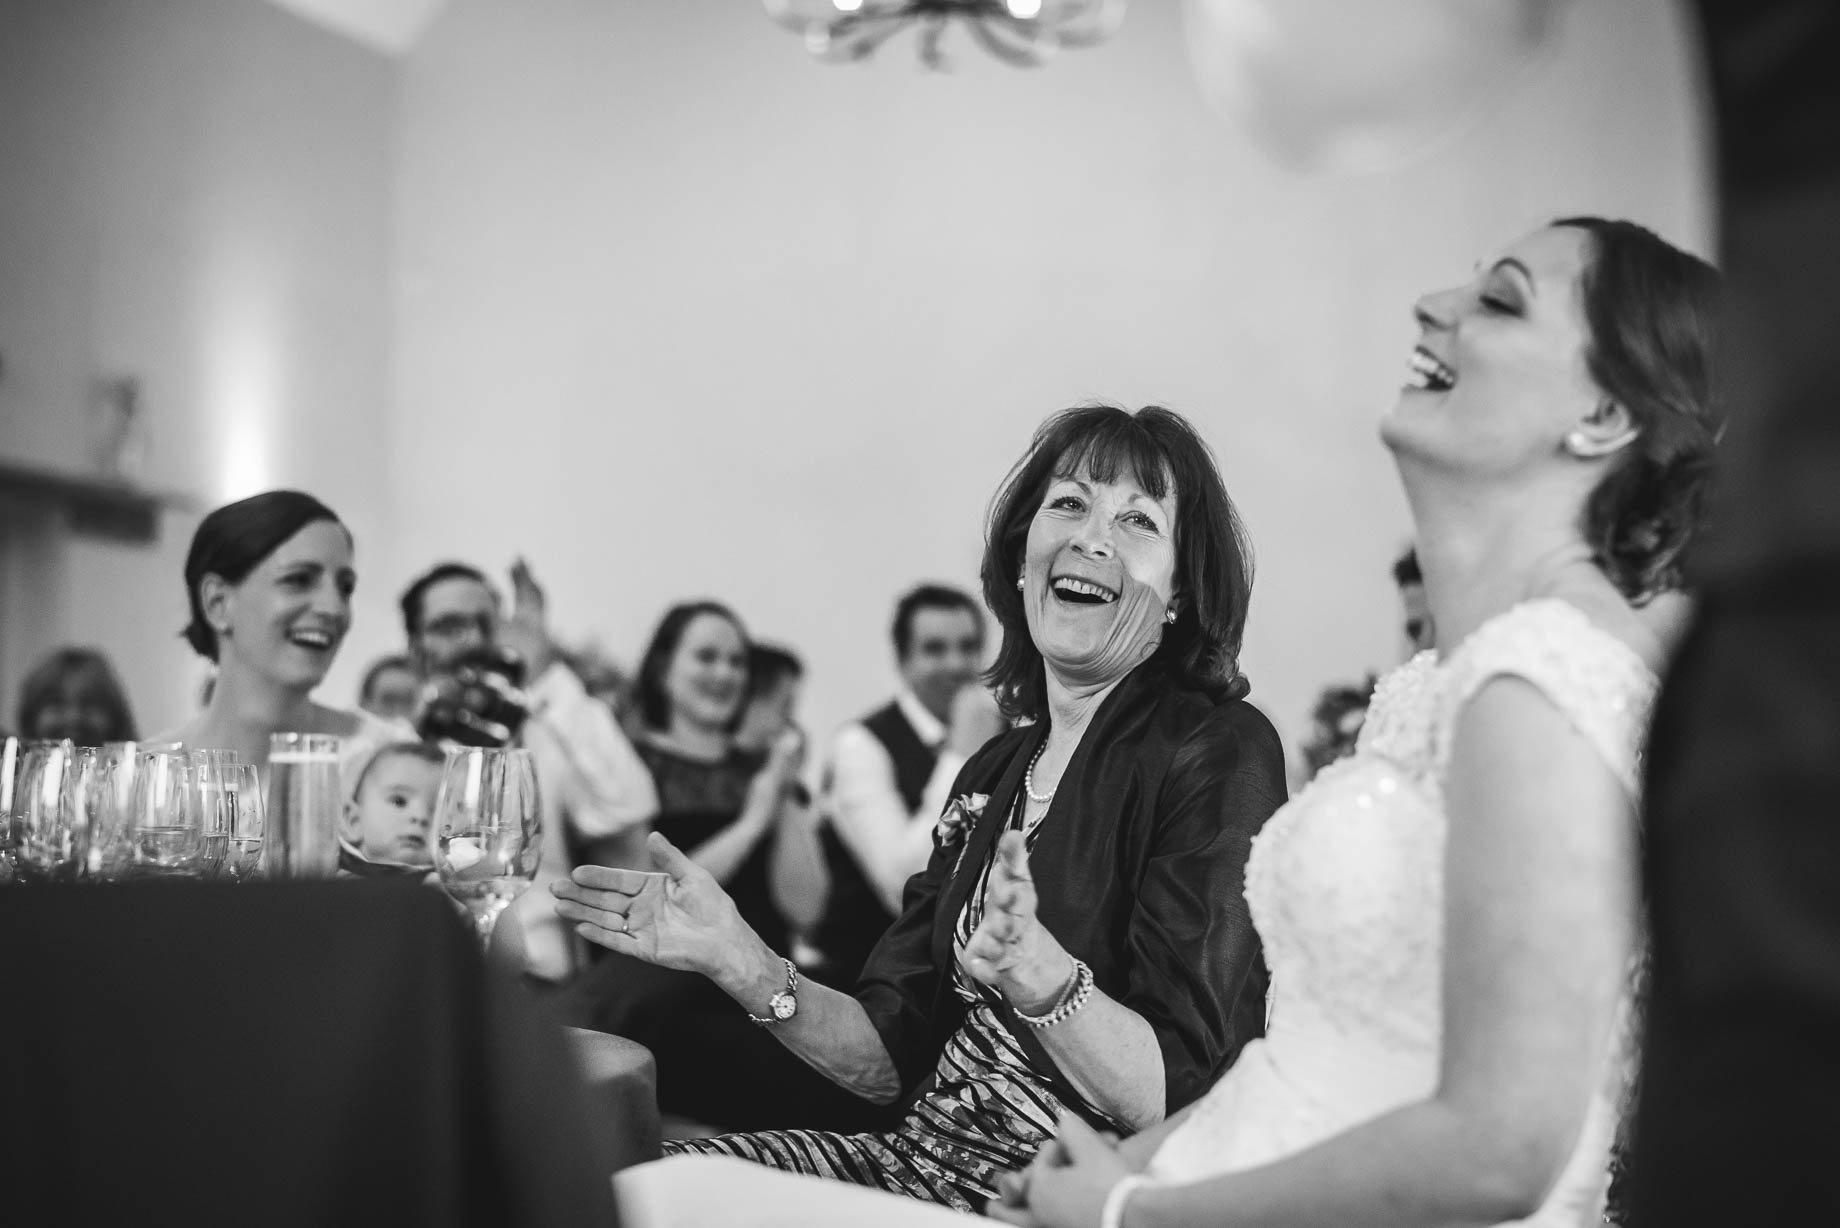 Millbridge Court Wedding Photography - Lisa and Daniel (144 of 173)